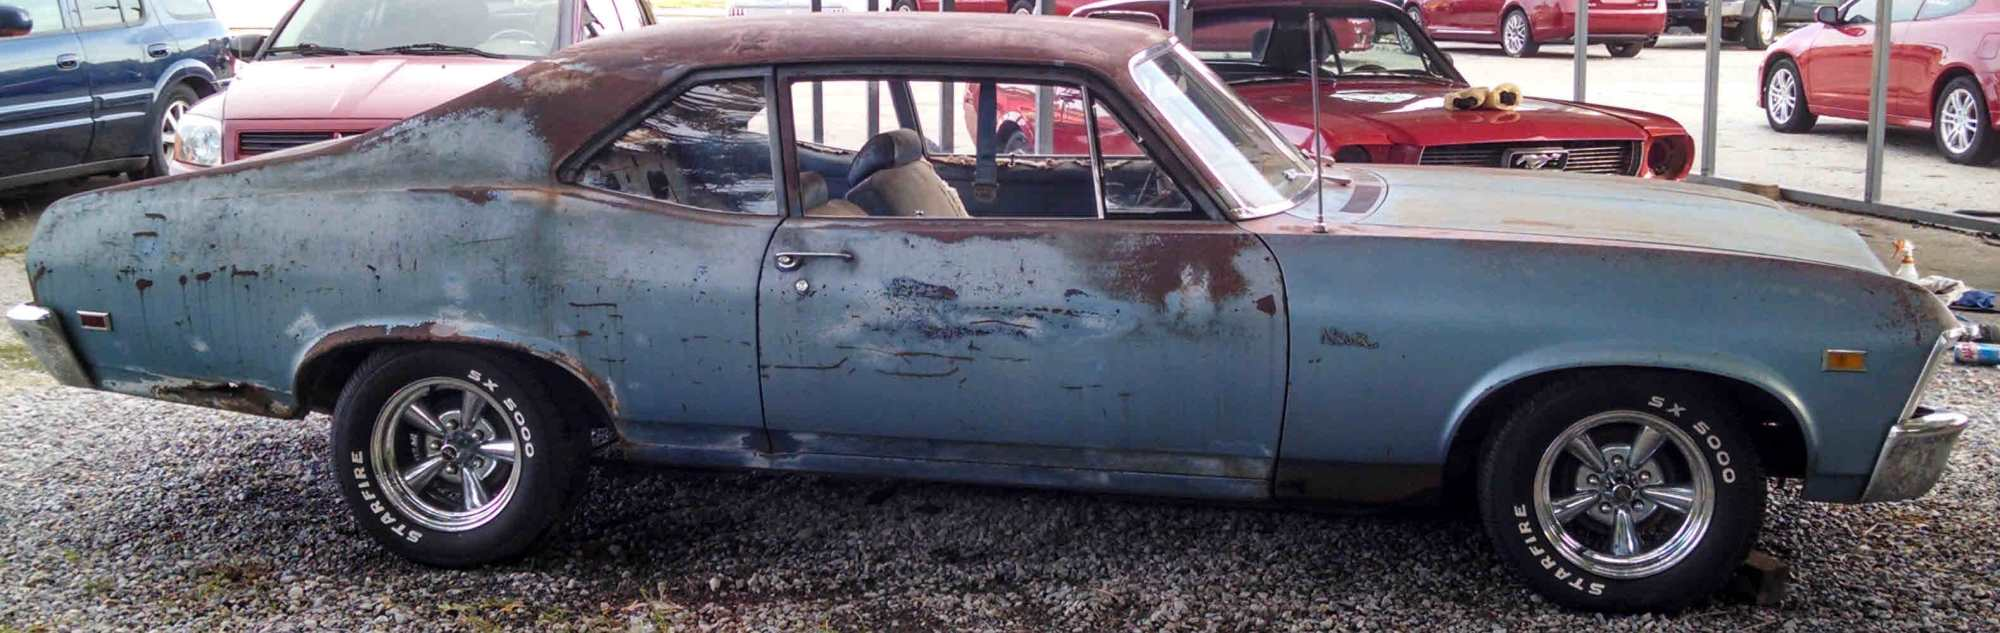 hight resolution of 1969 chevy nova sold primered v 8 350 auto rachet shifter engine runs 2 door 3 700